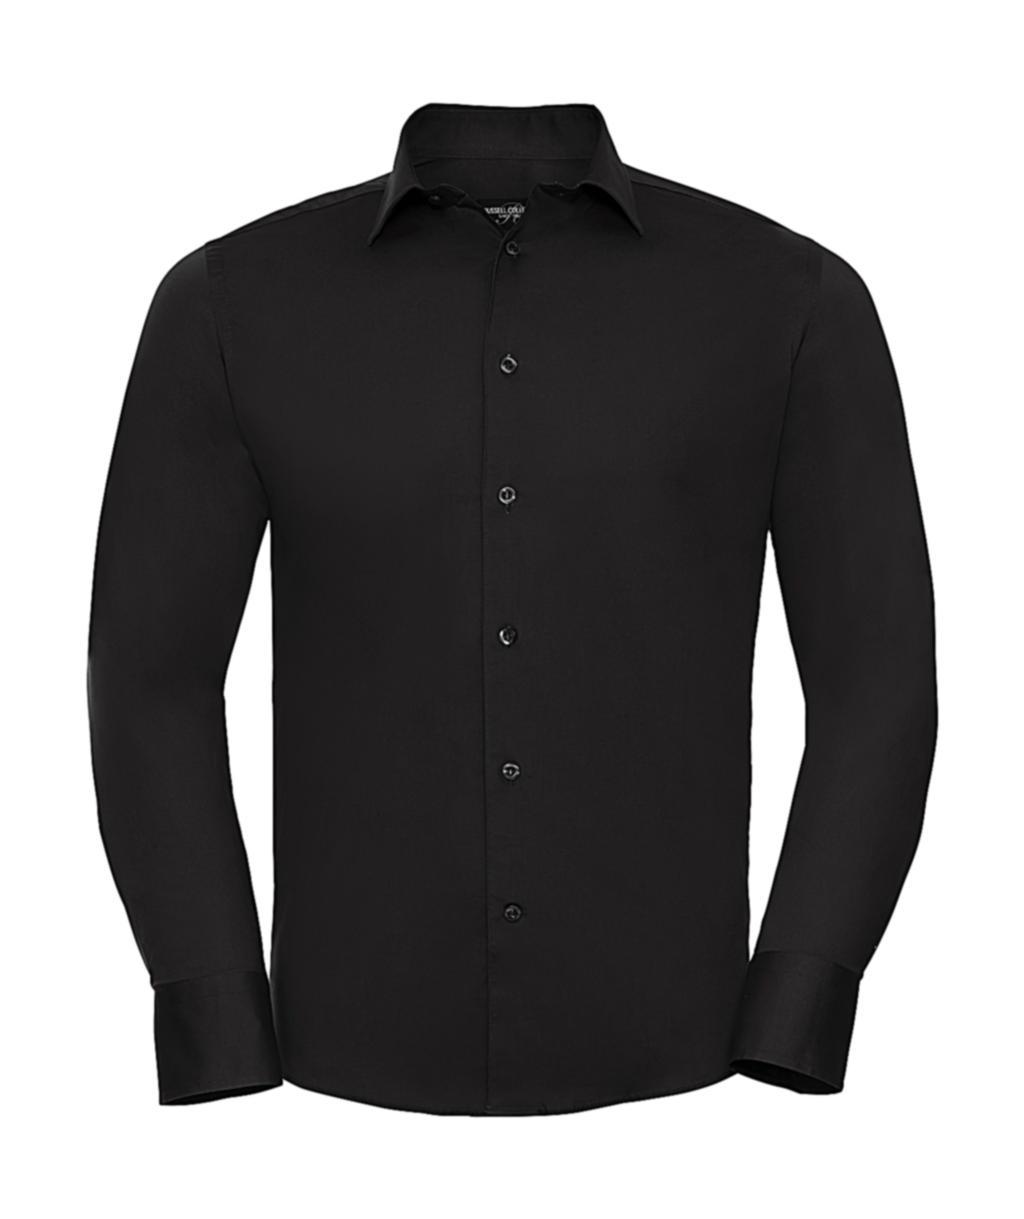 Vypasovaná košile Stretch s dlouhým rukávem - zvìtšit obrázek